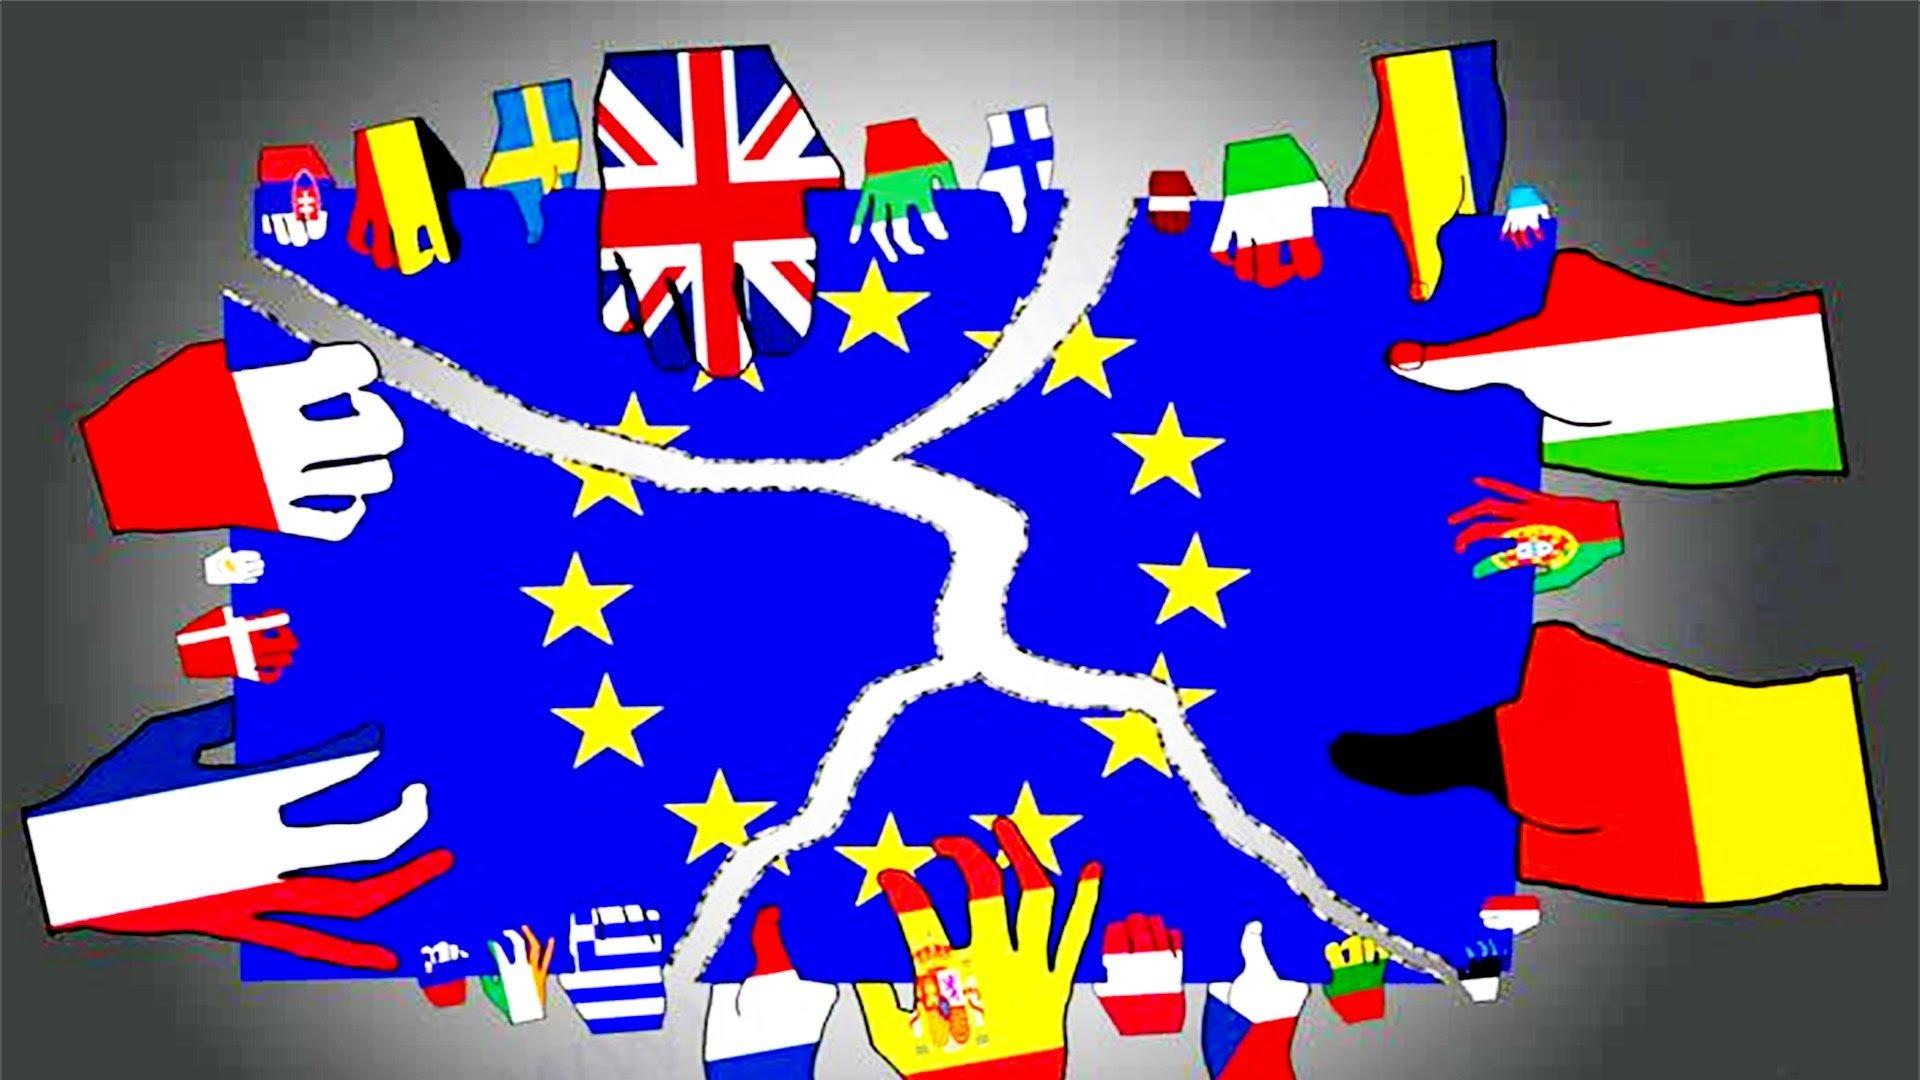 Кризис Еврозоны. Богатые не спешат на помощь (часть 3)